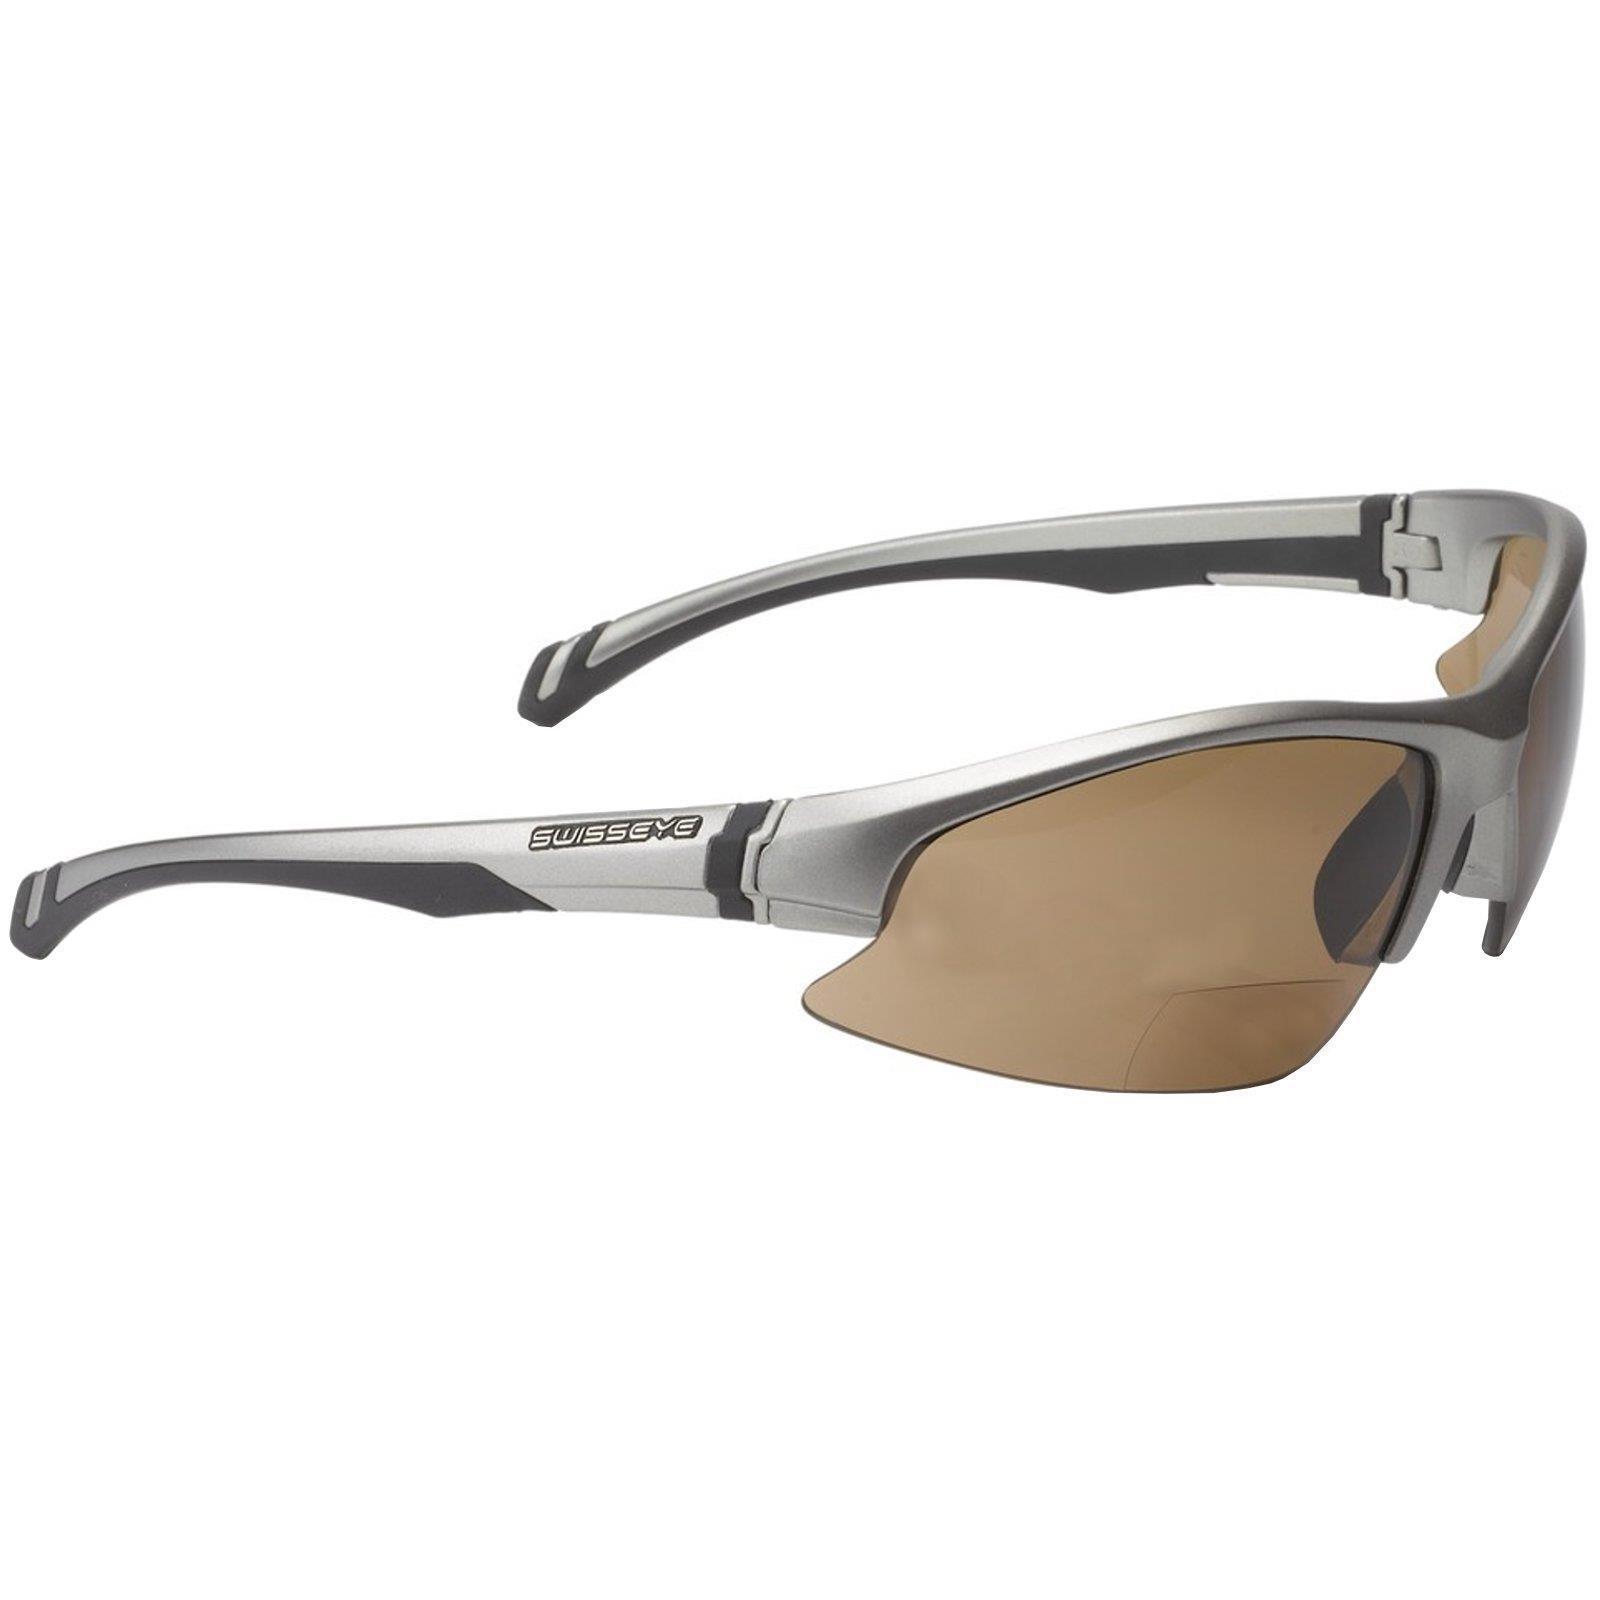 Swisseye Flash Bifocal Fahrrad Sport Brille Rennrad 2,0 dpt Lesehilfe Sehstärke